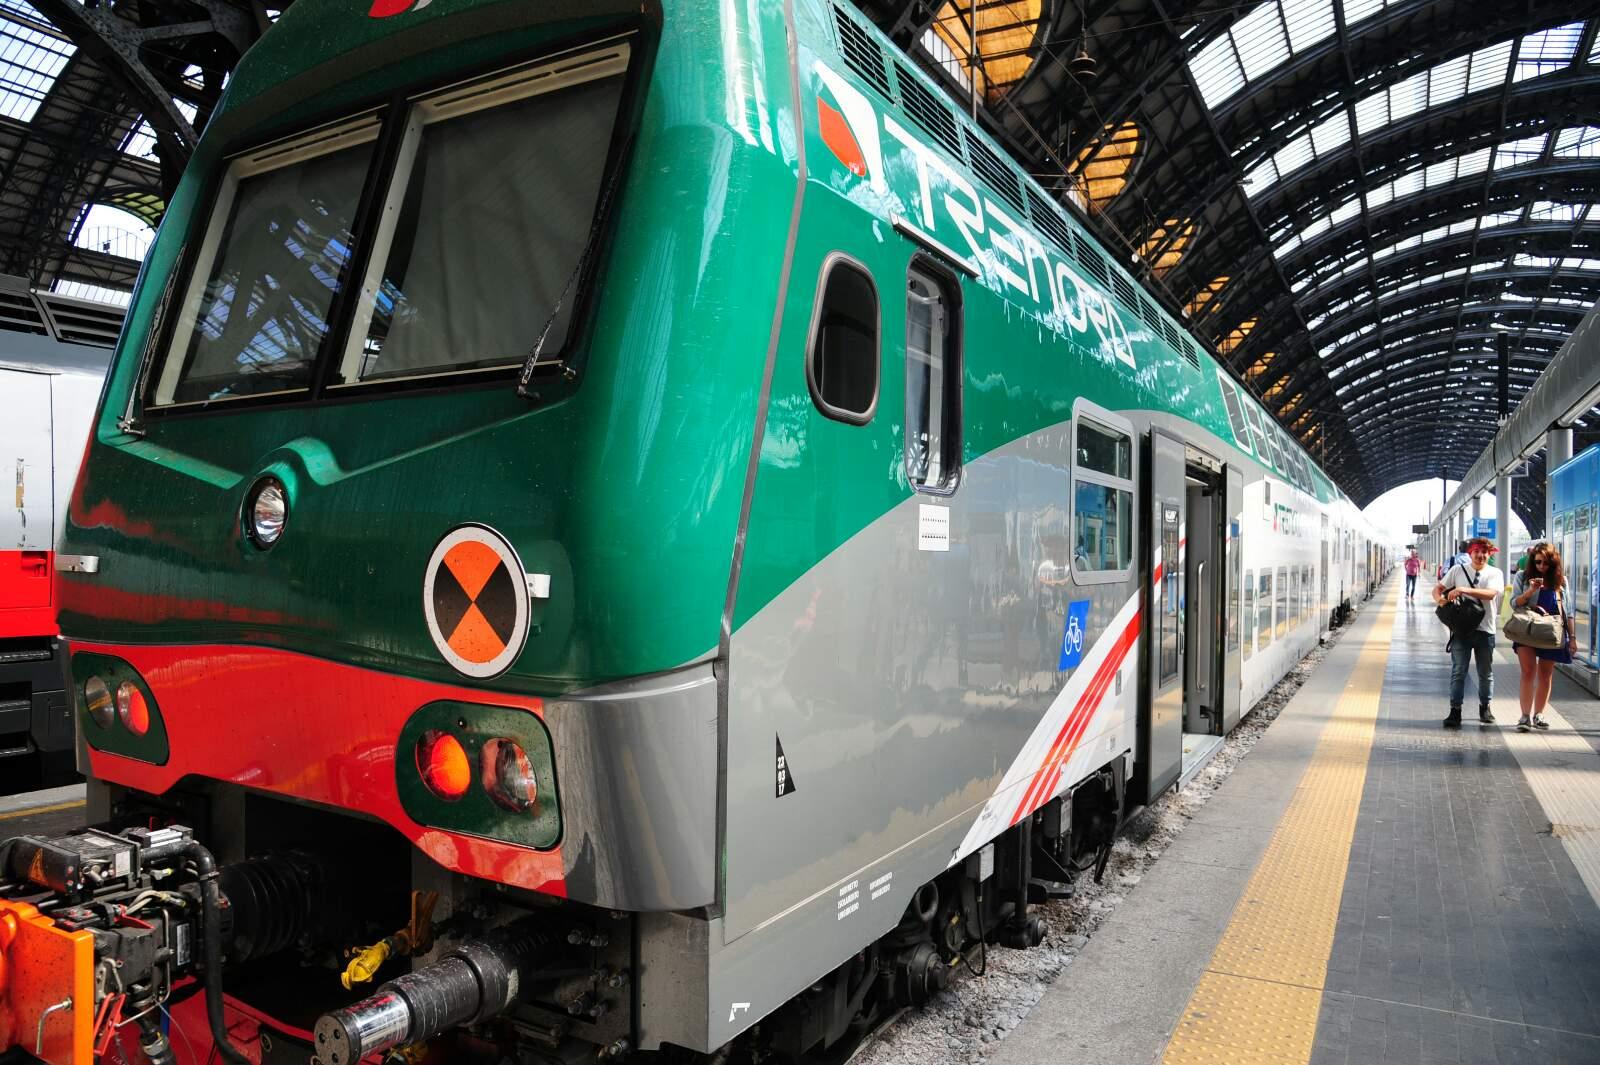 Ufficio Moderno Cremona Orari : Treni su brescia cremona e brescia parma si viaggia come in